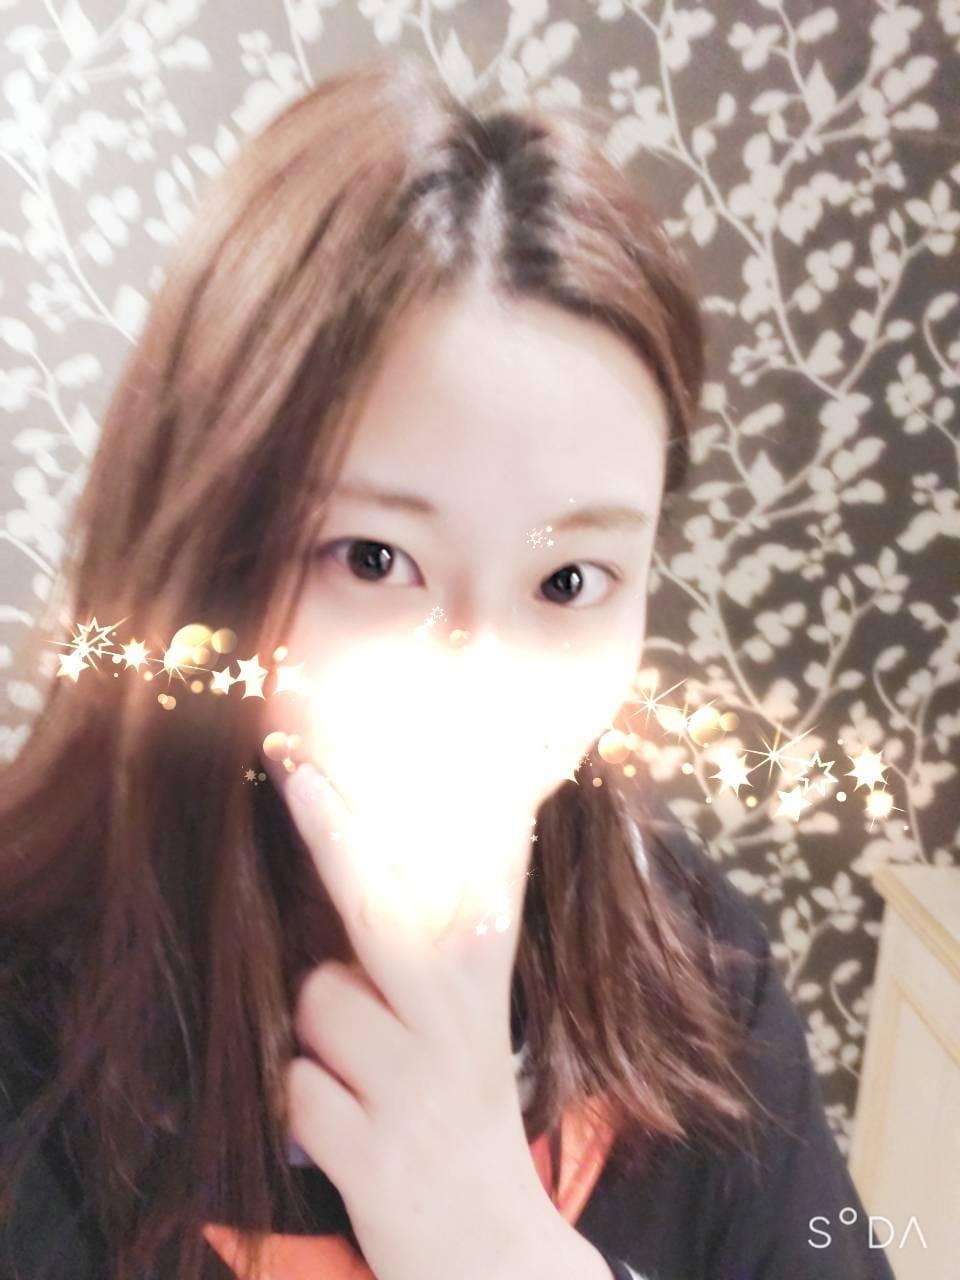 「ビジホのお兄さんへ」11/13(11/13) 02:12 | りく【超ドM!顔射にイラマ★】の写メ・風俗動画